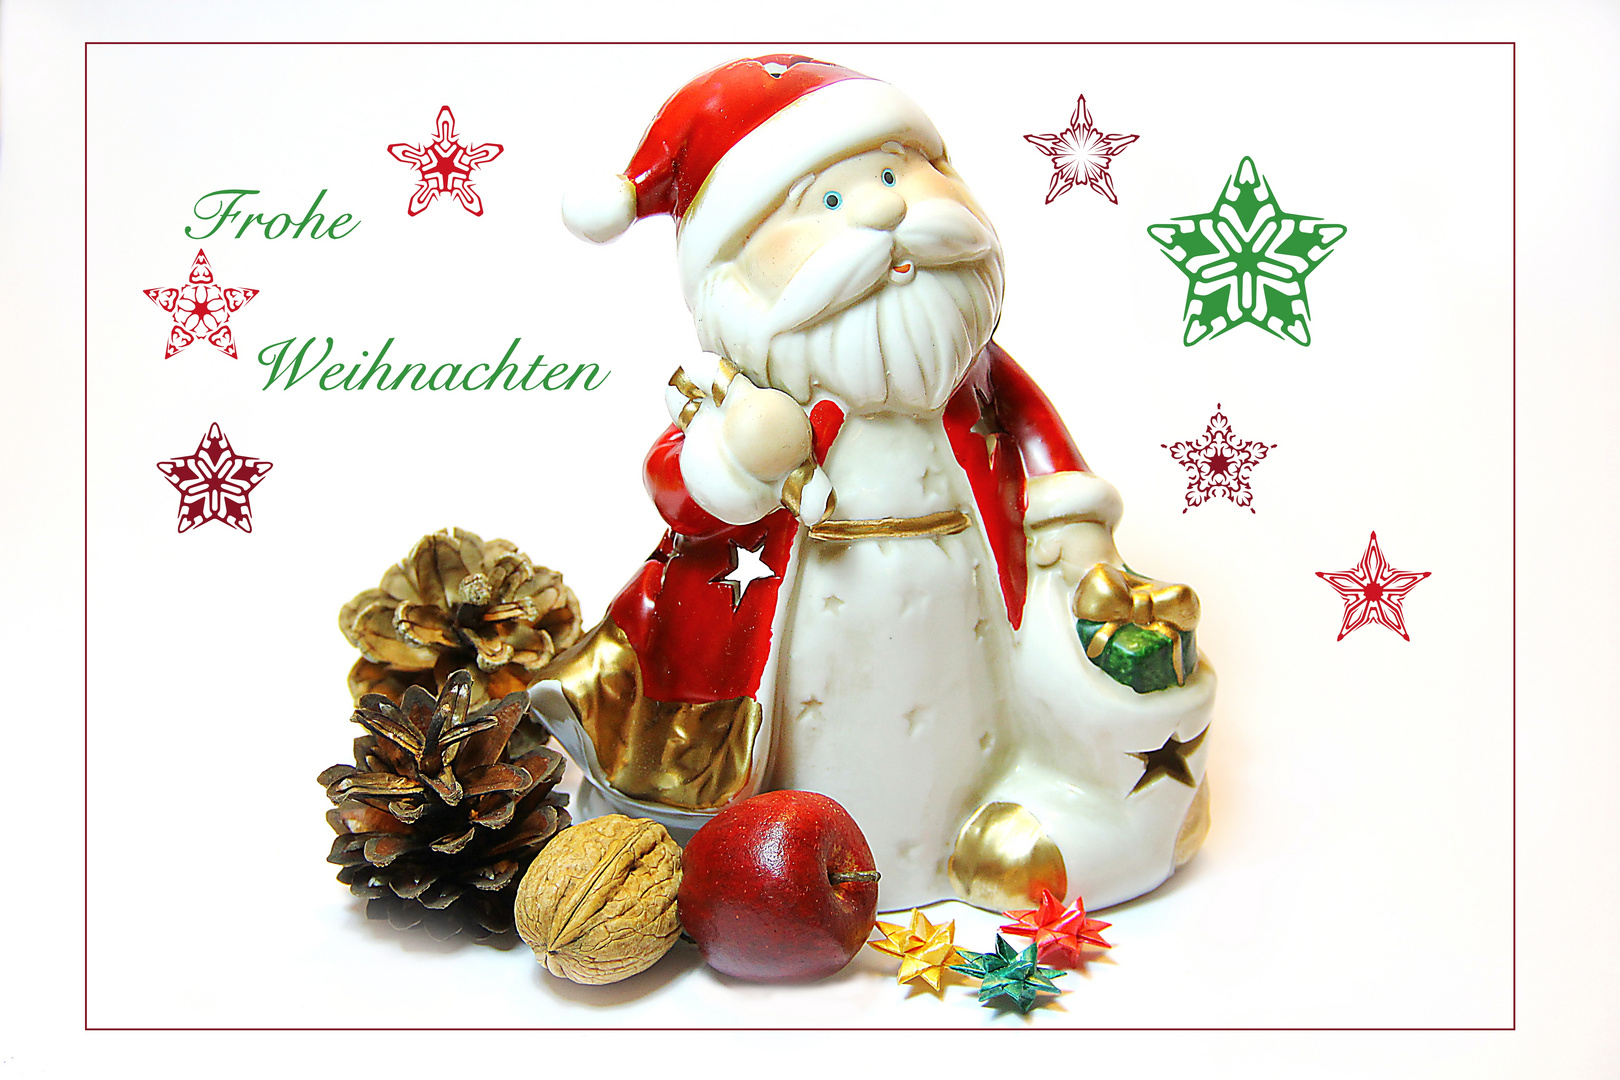 weihnachtsw nsche foto bild karten und kalender weihnachtskarten festtage bilder auf